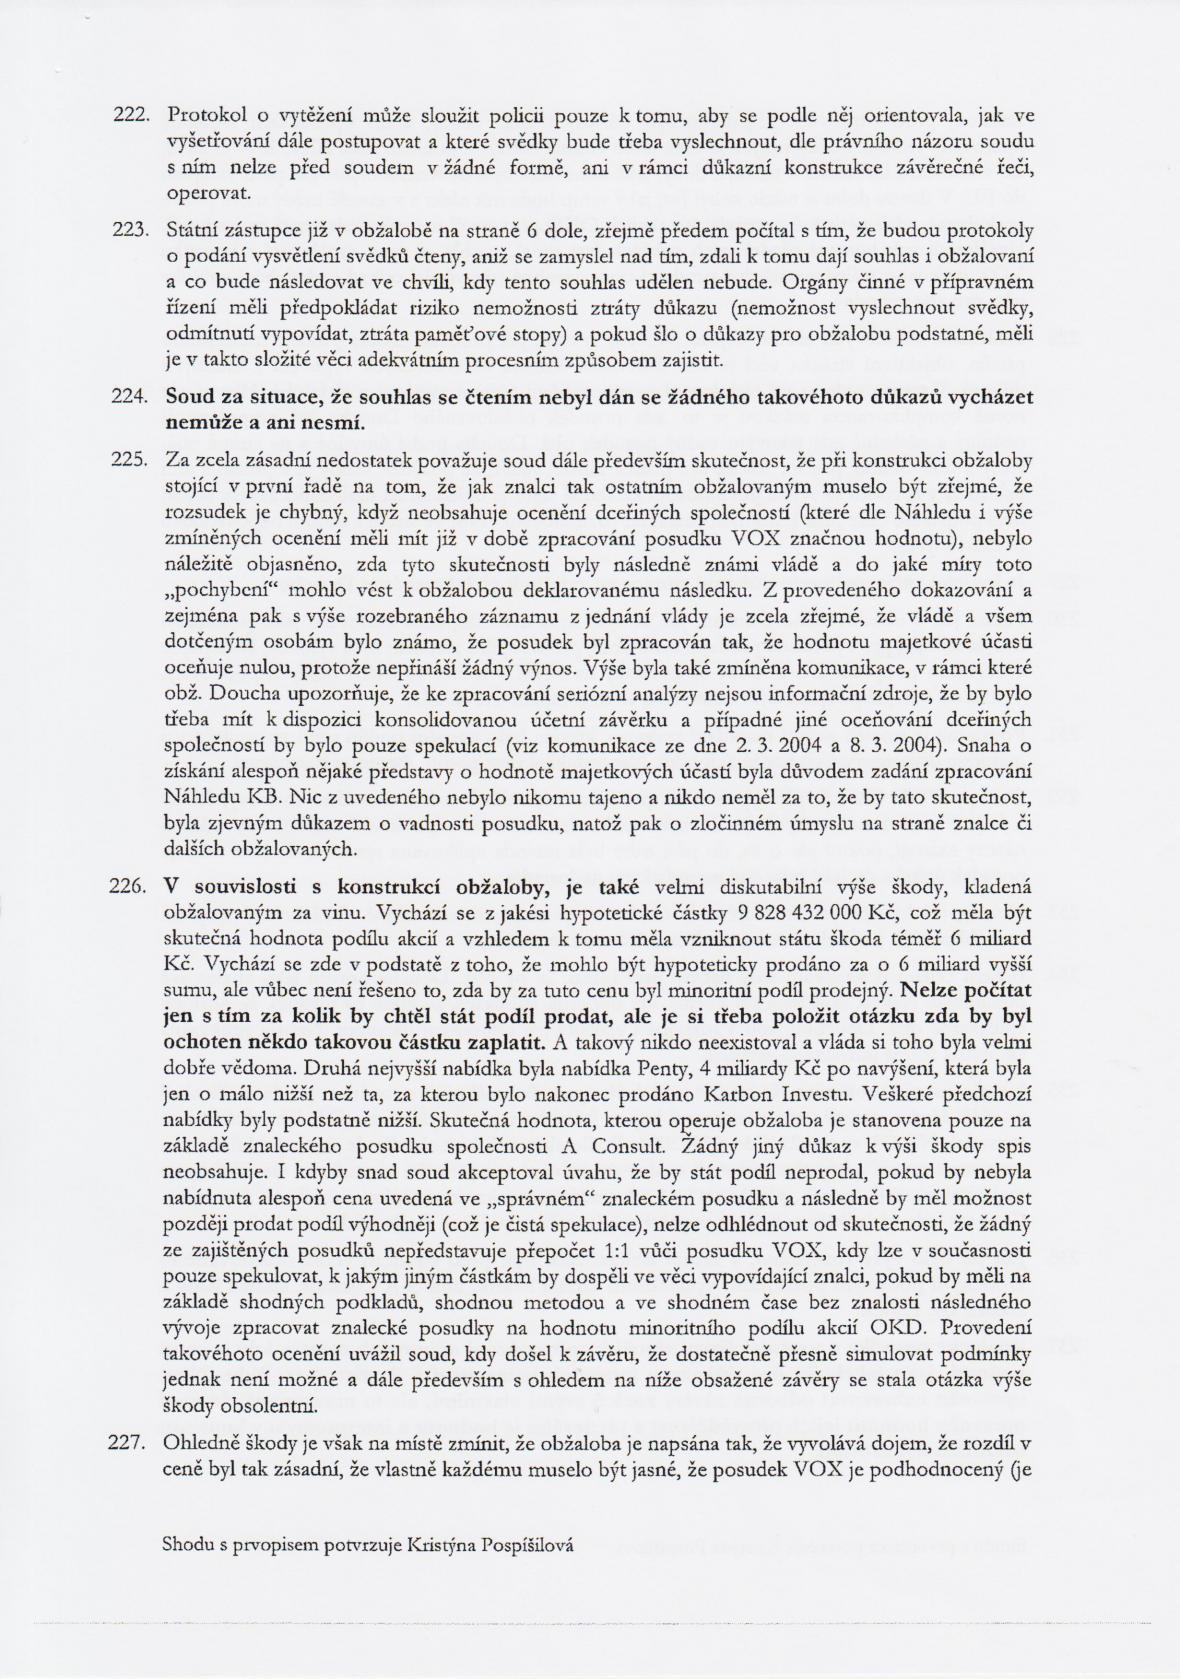 Rozsudek v kauze OKD – strana 29